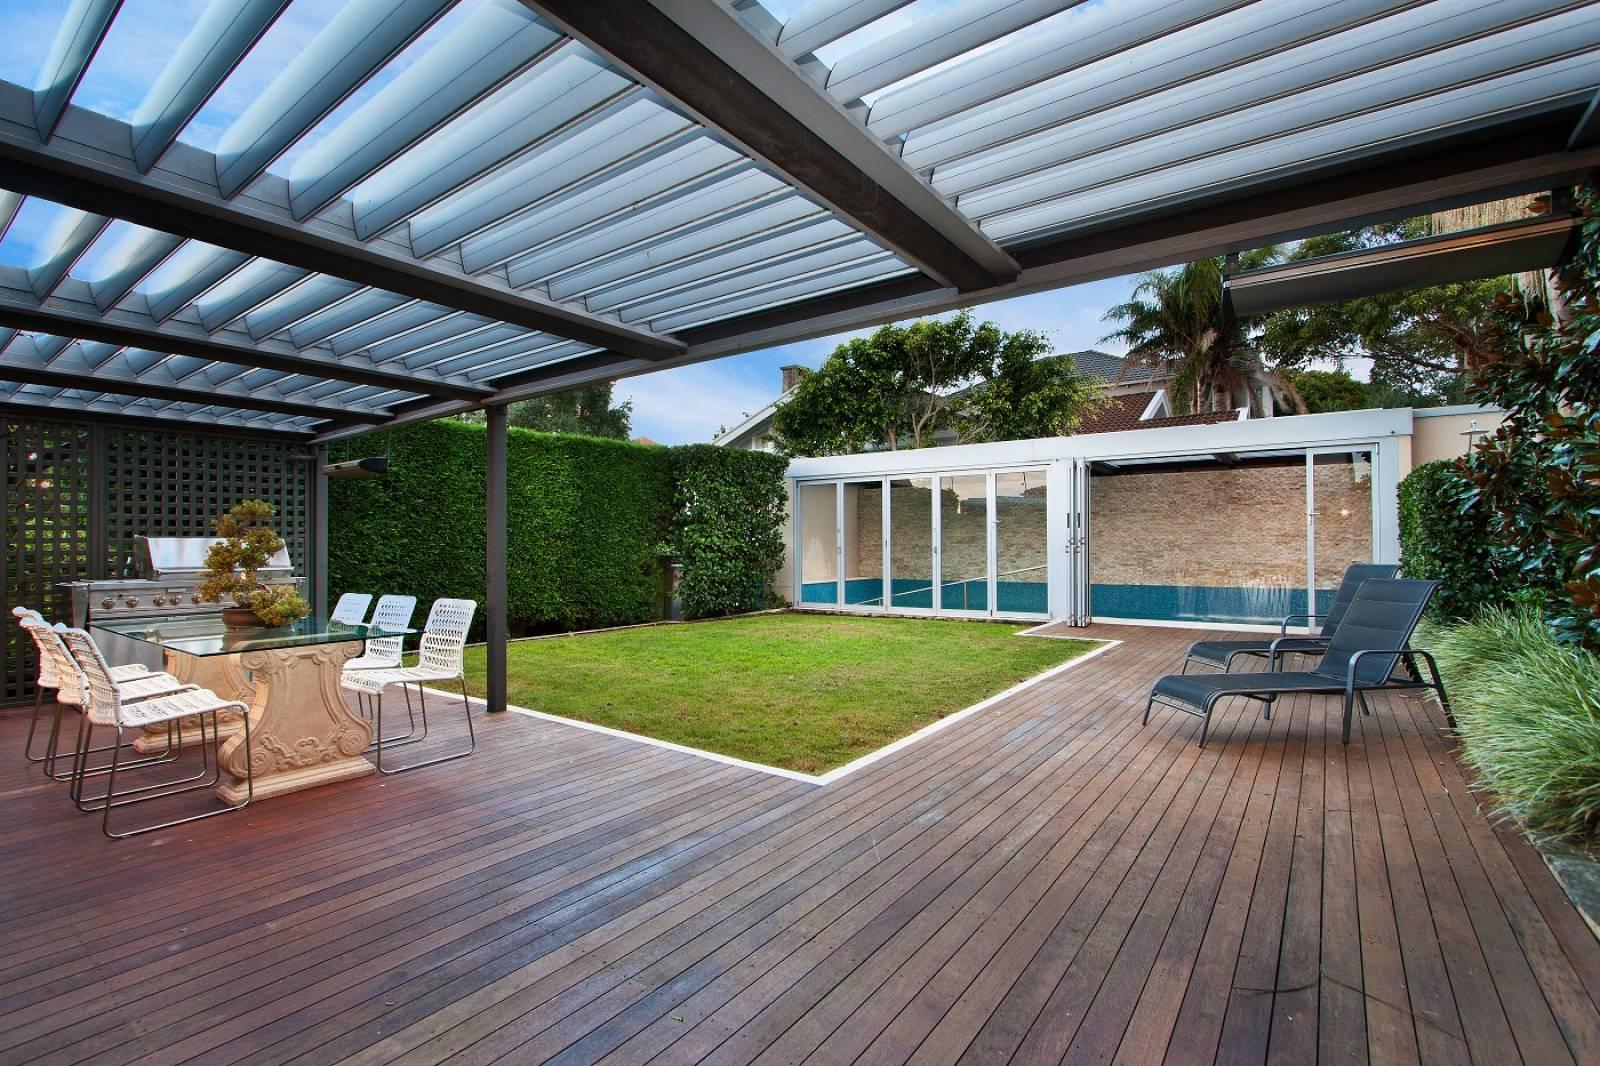 Projet De Rénovation Extérieur Avec Aménagement De Terrasse ... encequiconcerne Amenagement Exterieur Piscine